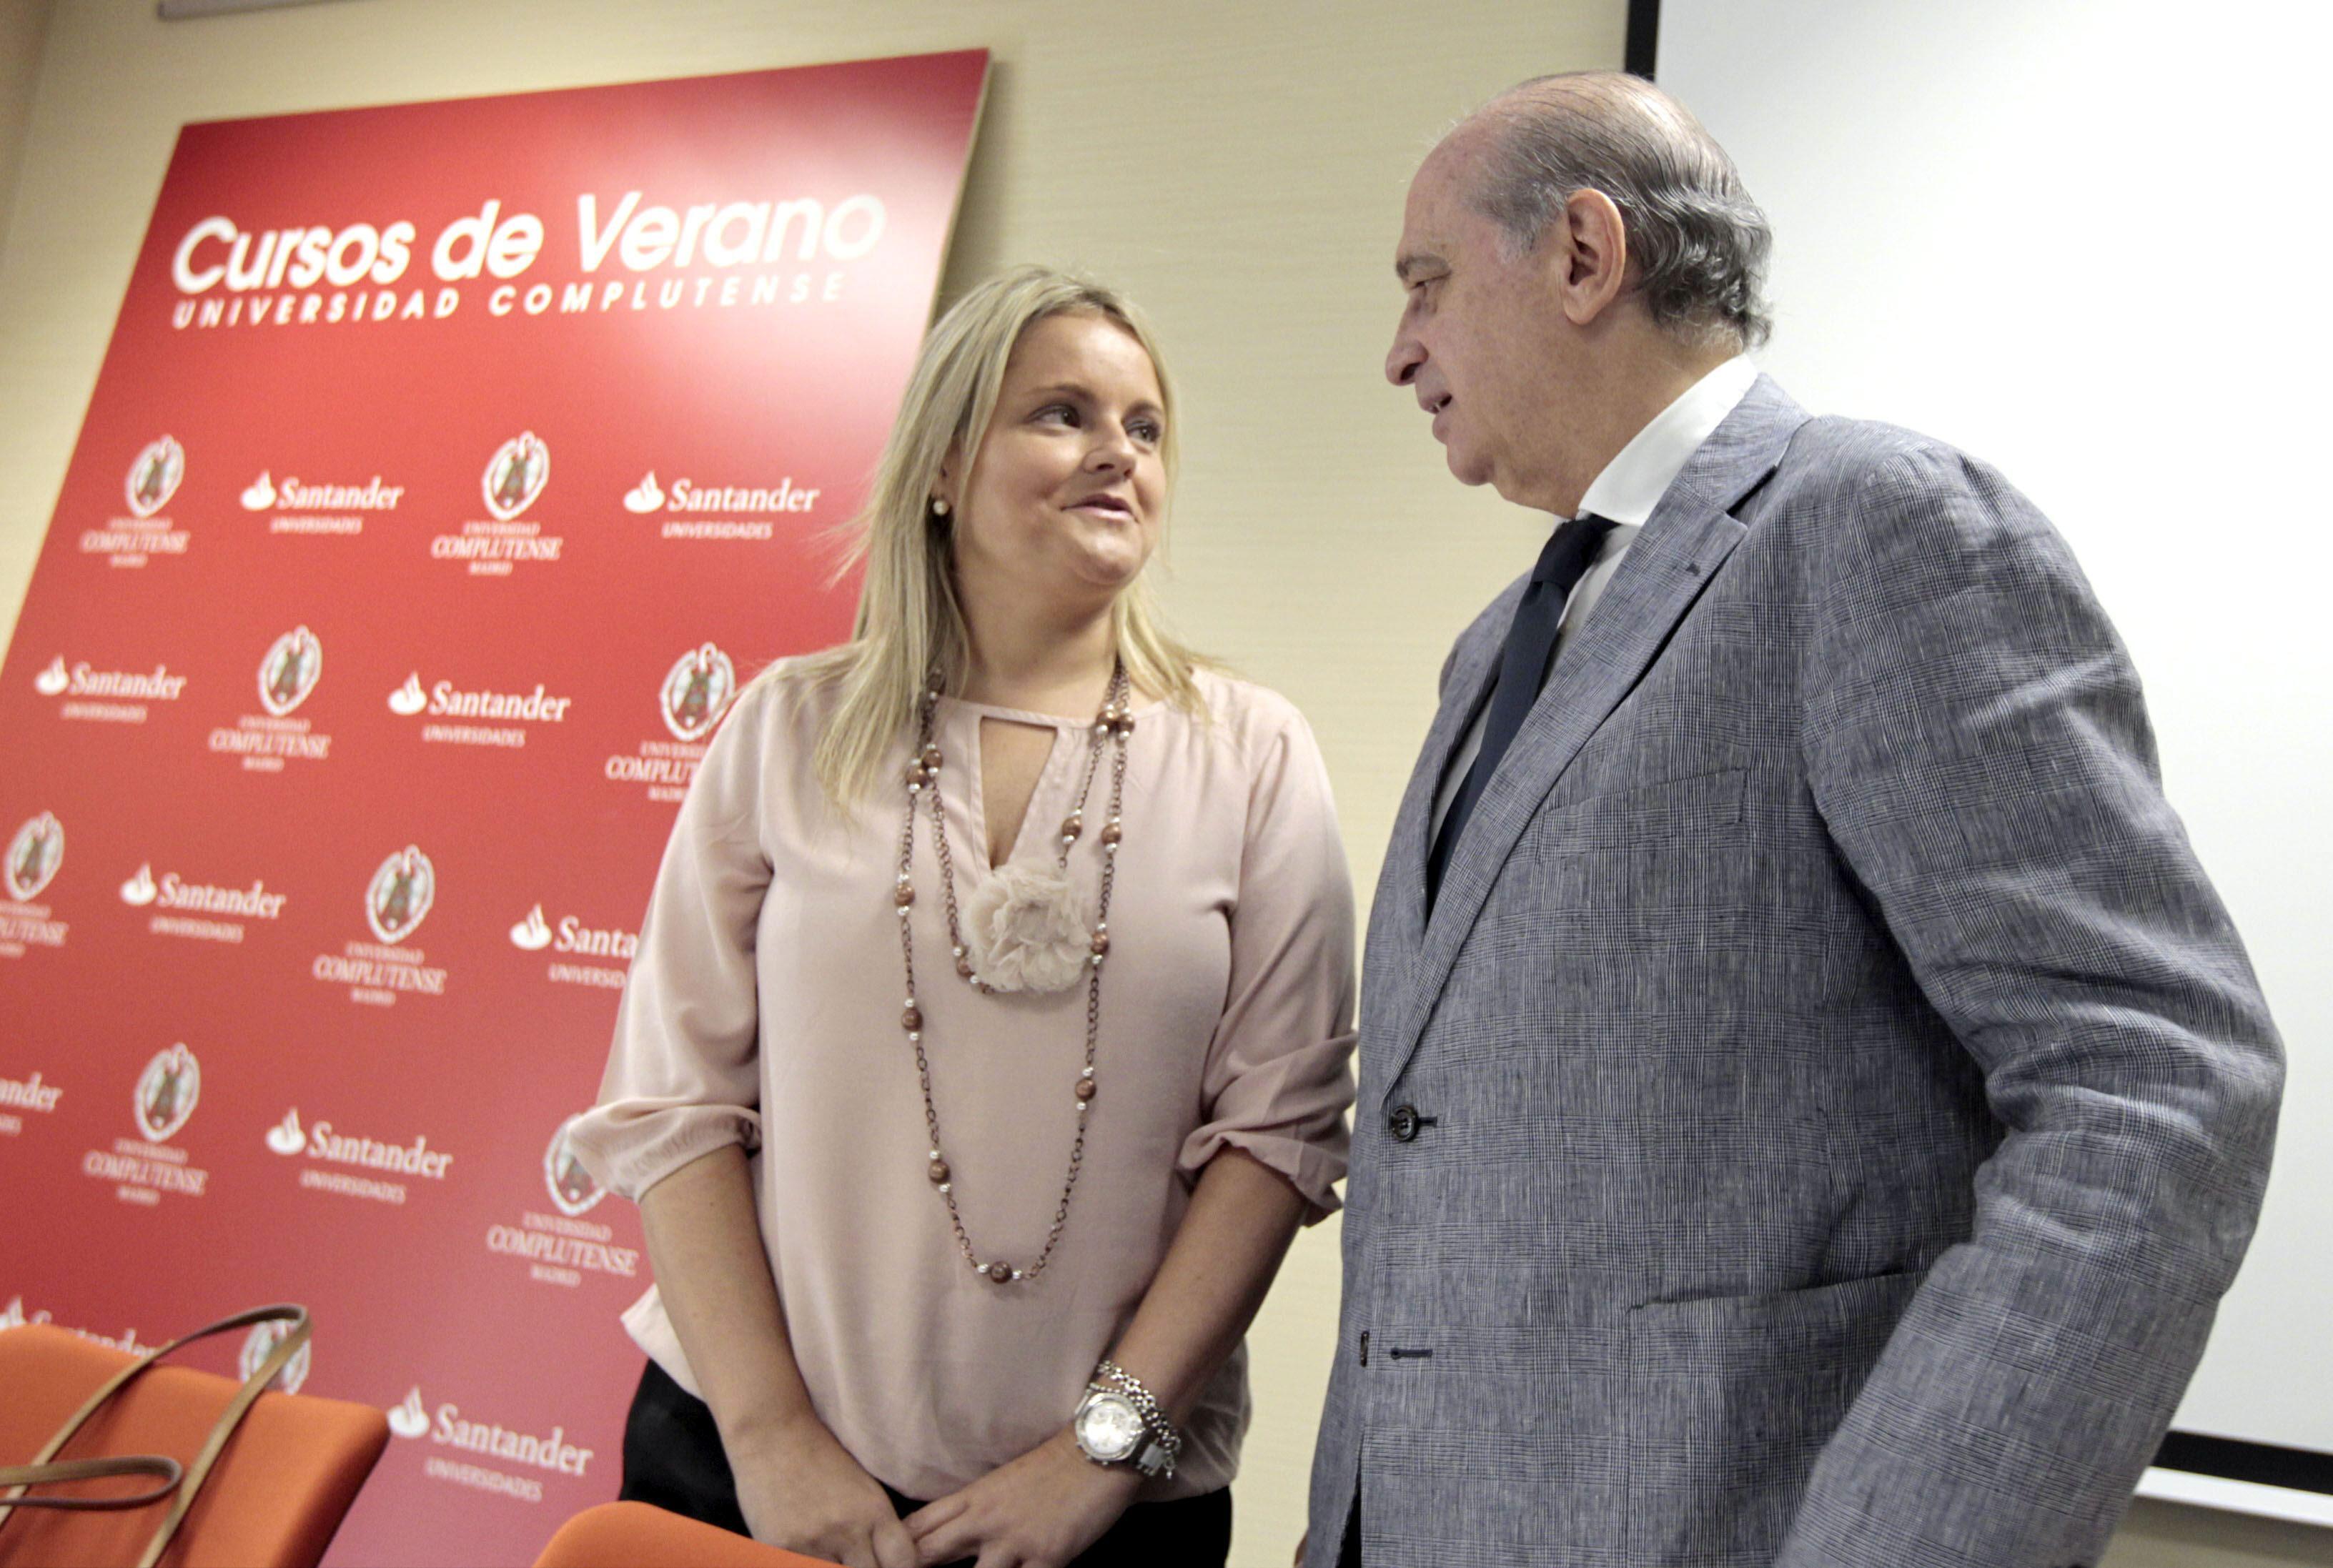 Fernández Díaz afirma que a ETA sólo le queda disolverse por las buenas o por la malas